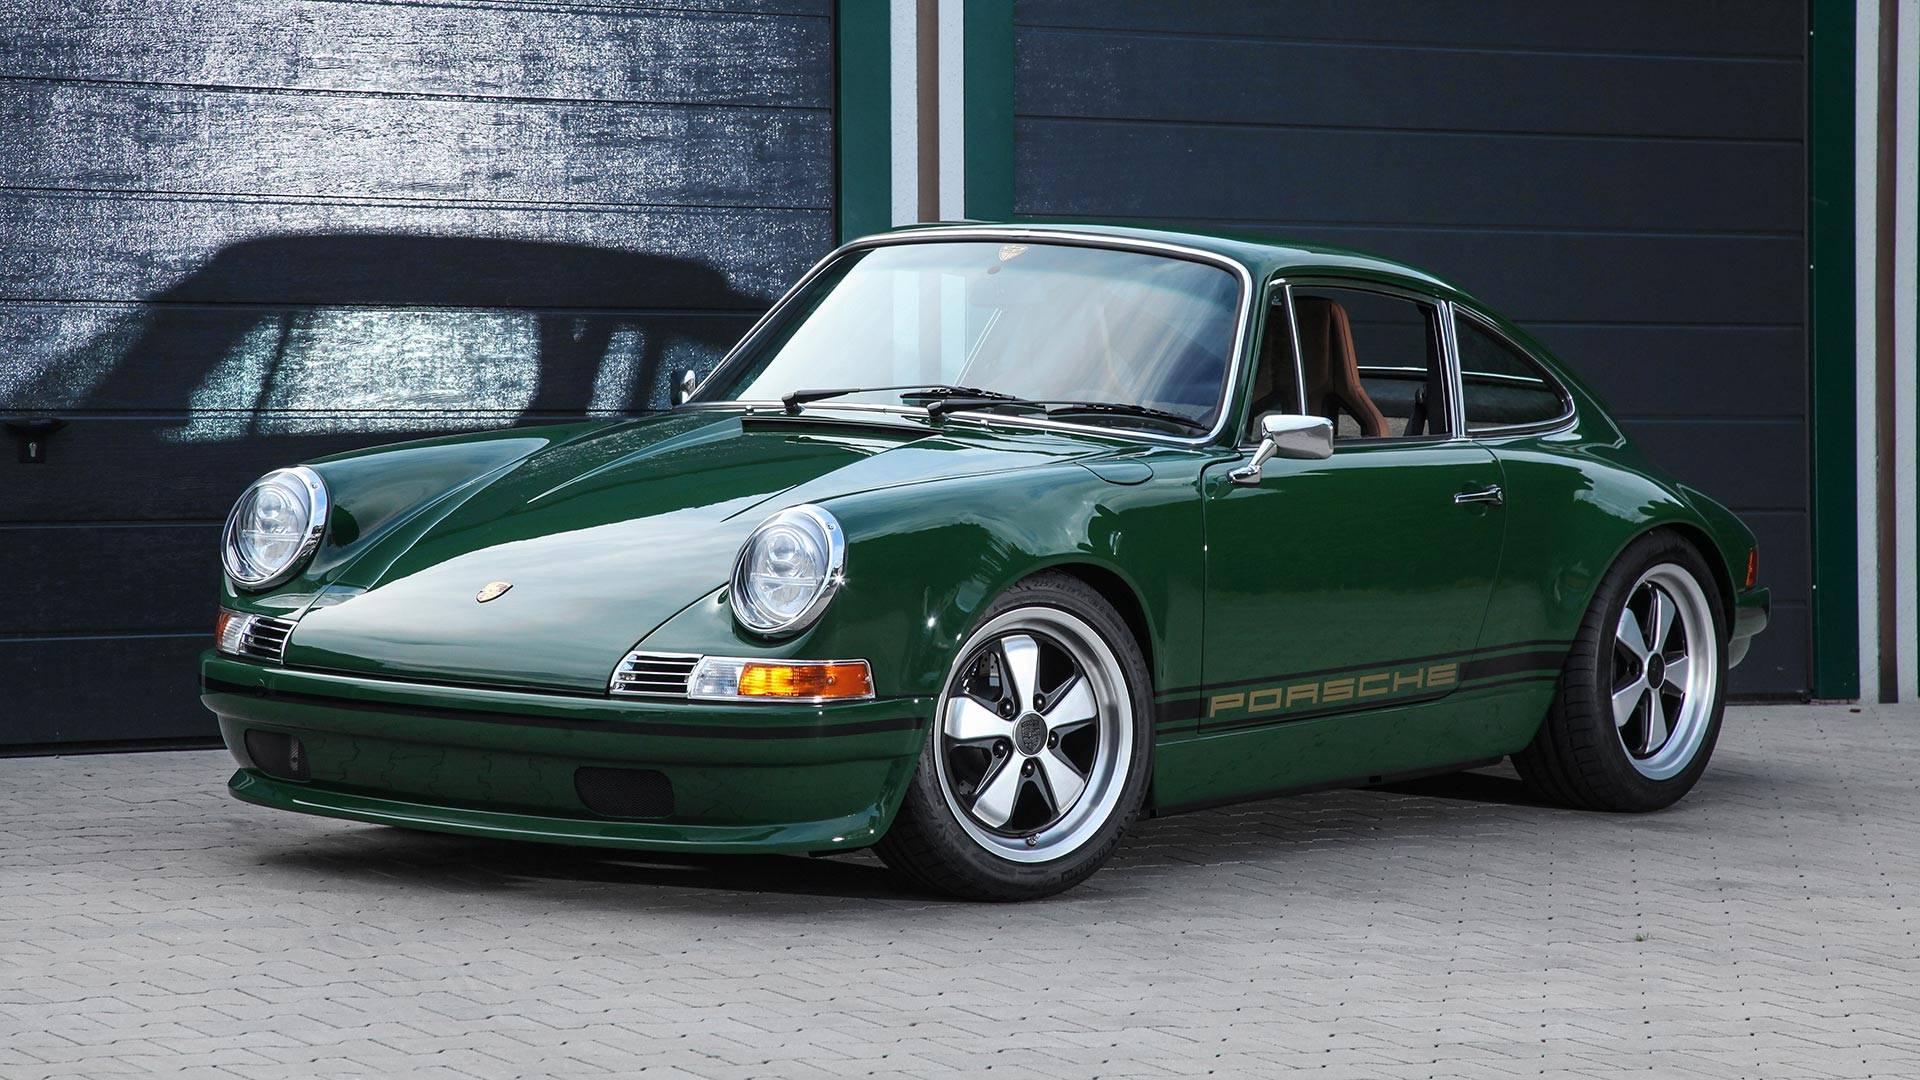 dp-motorsport-porsche-911-964